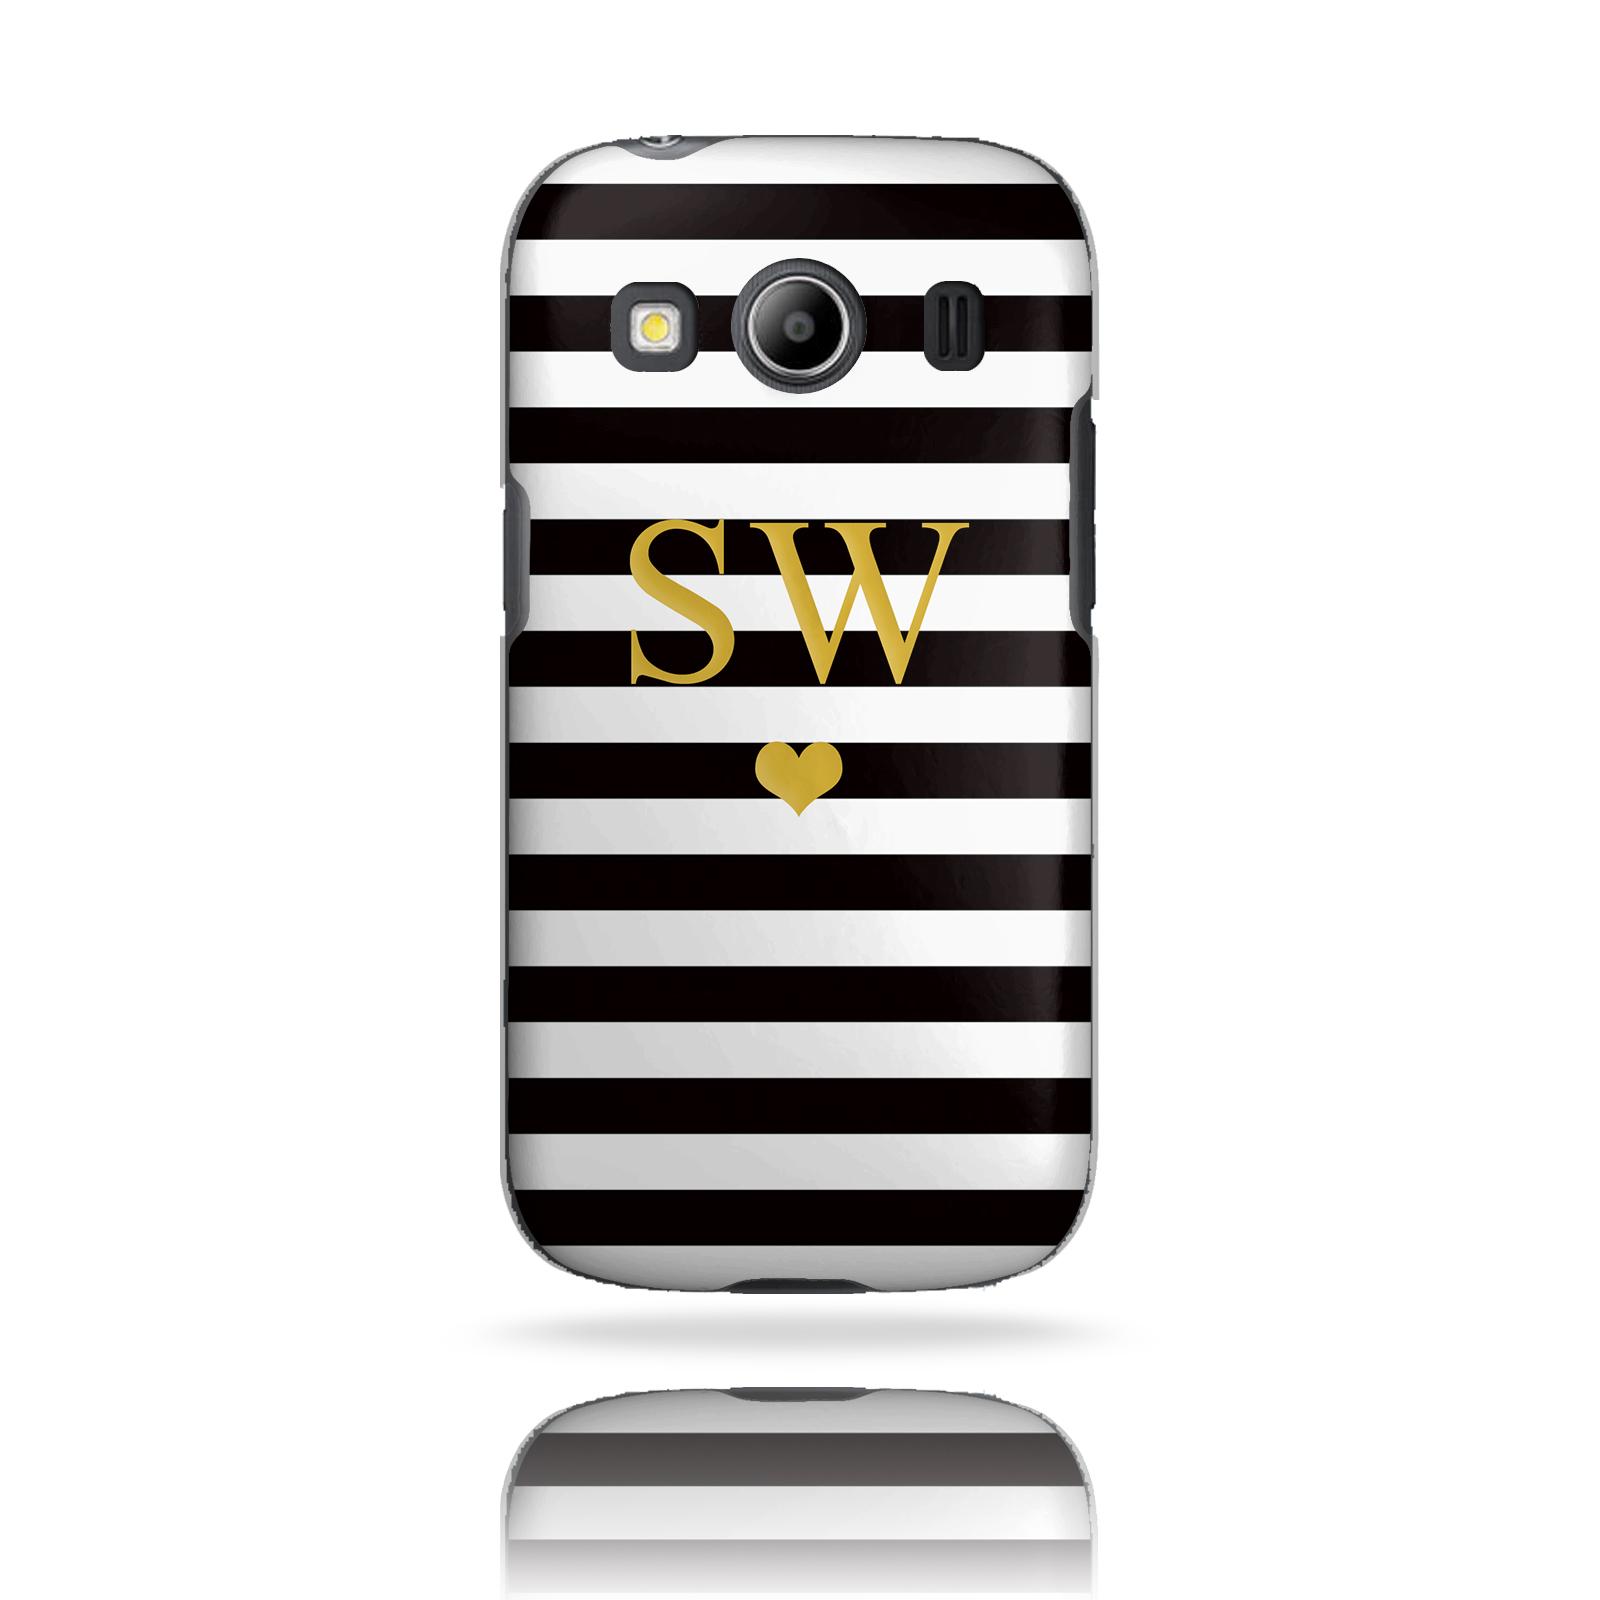 iPhone personalised phone case iphone 5c : ... u0026 Communication u0026gt; Mobile Phone u0026 PDA Accessories u0026gt; Cases u0026 Covers